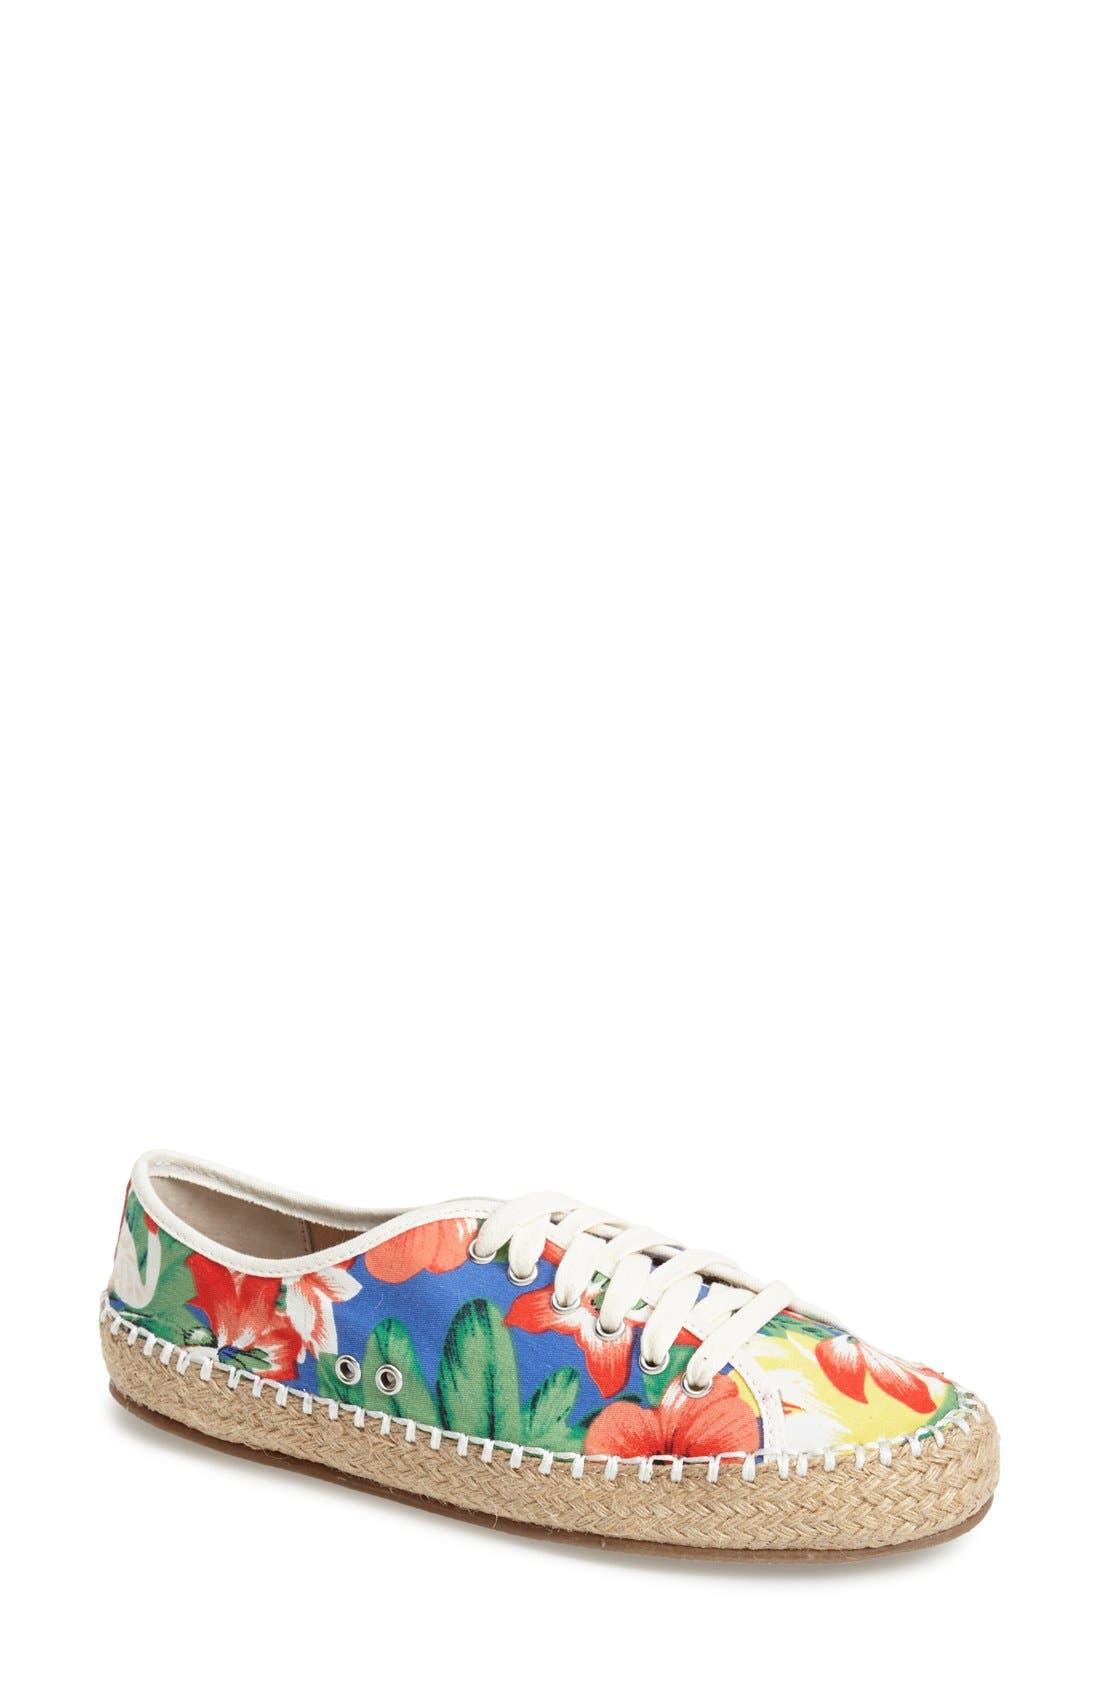 Alternate Image 1 Selected - Steve Madden 'Broadwlk' Espadrille Sneaker (Women)